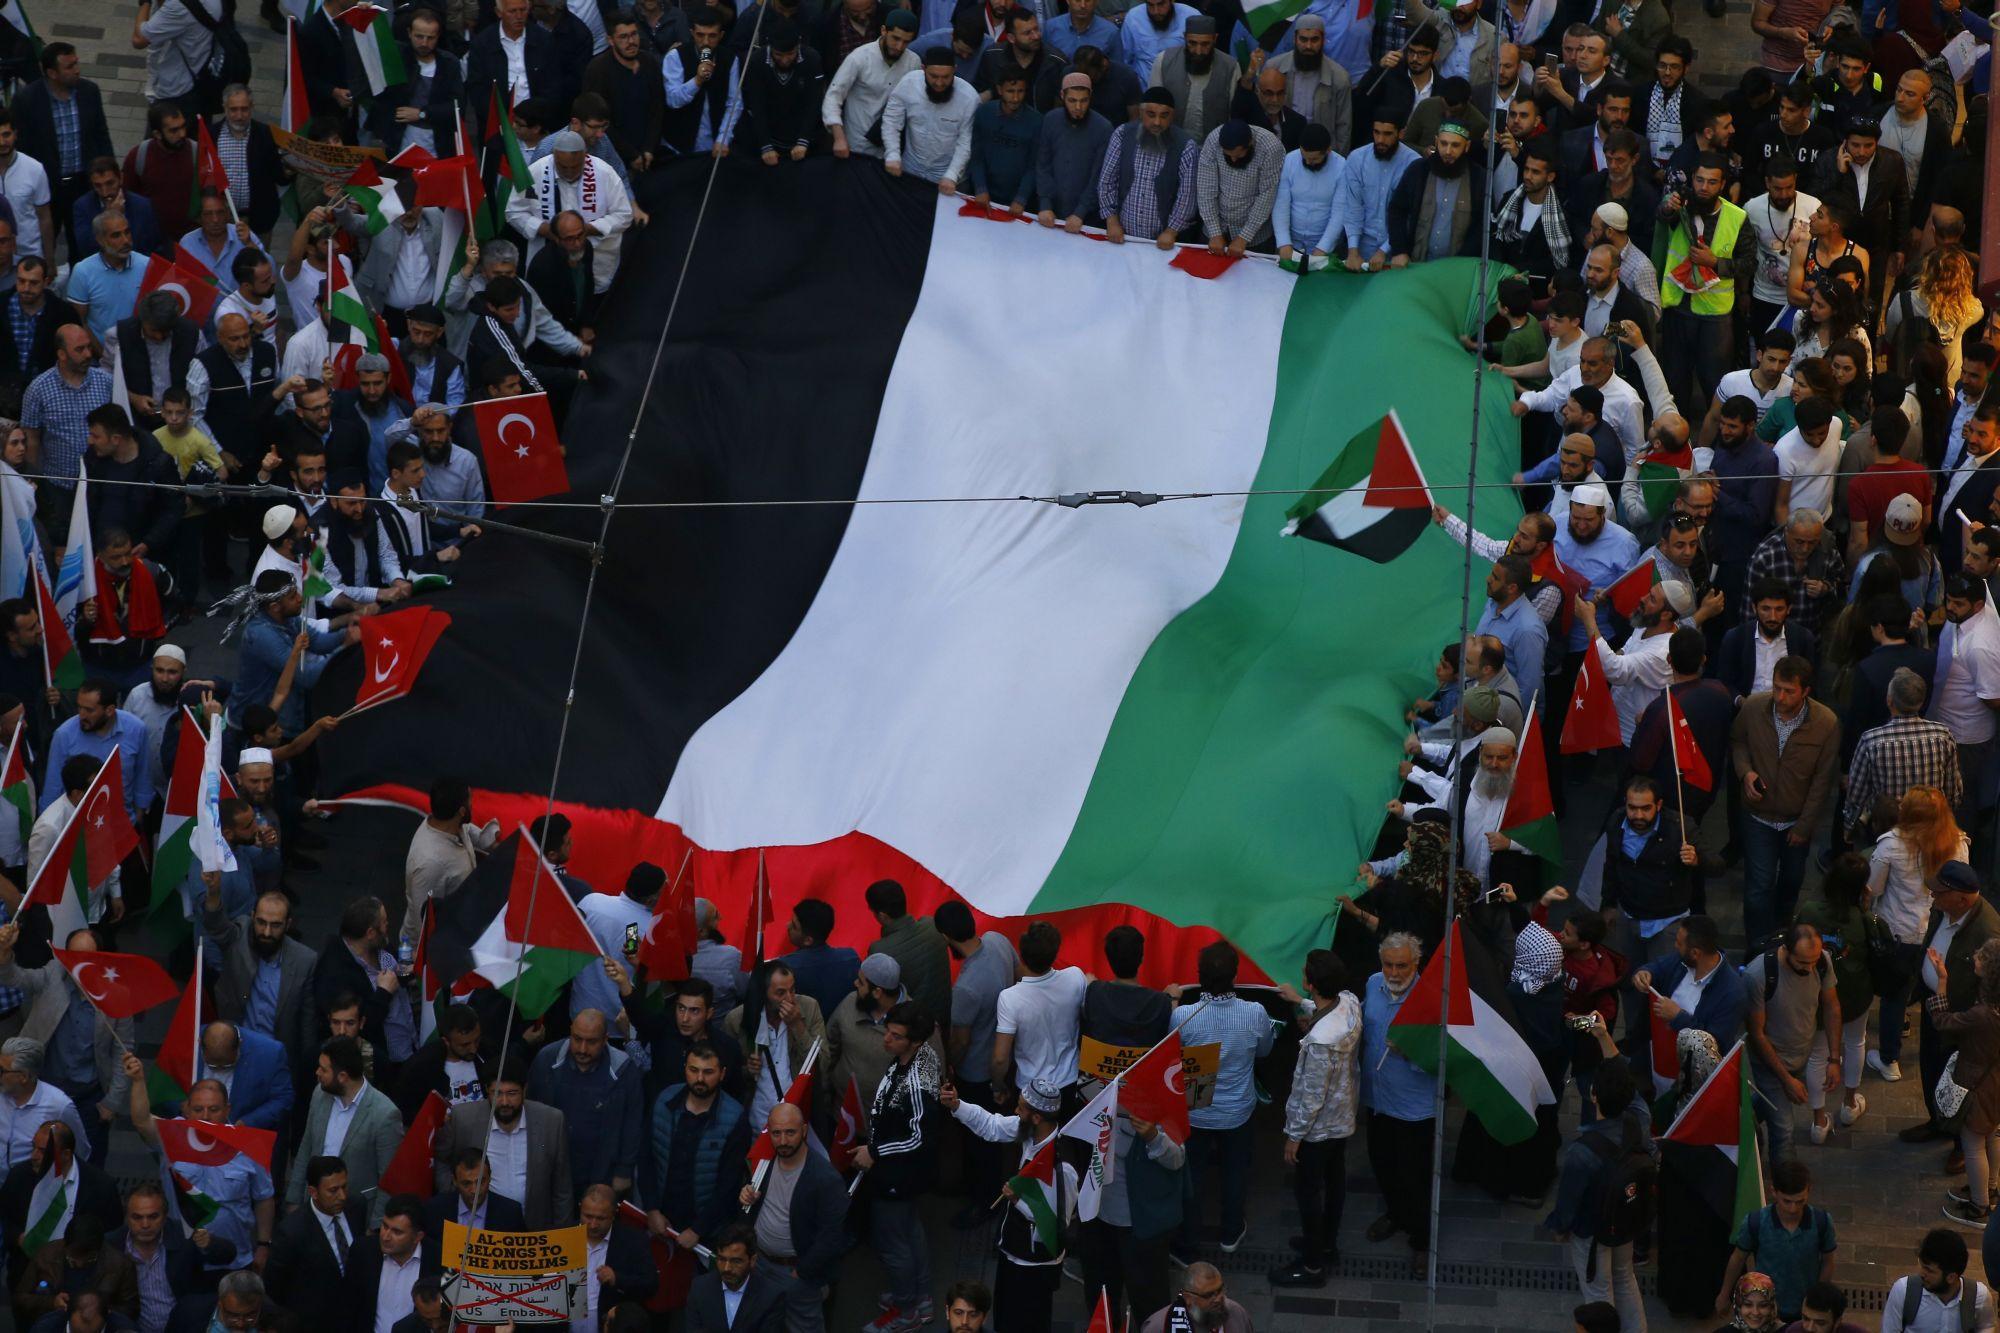 Óriási palesztin zászlót feszítenek ki tüntetőők Isztambulban, tiltakozásul az amerikai nagykövetség Tel-Avivból Jeruzsálembe való áthelyezése ellen 2018. május 14-én. Az Egyesült Államok a képviselet átköltöztetésével kifejezésre juttatta, hogy Jeruzsálemet ismeri el Izrael fővárosaként. (MTI/AP/Emrah Gurel)